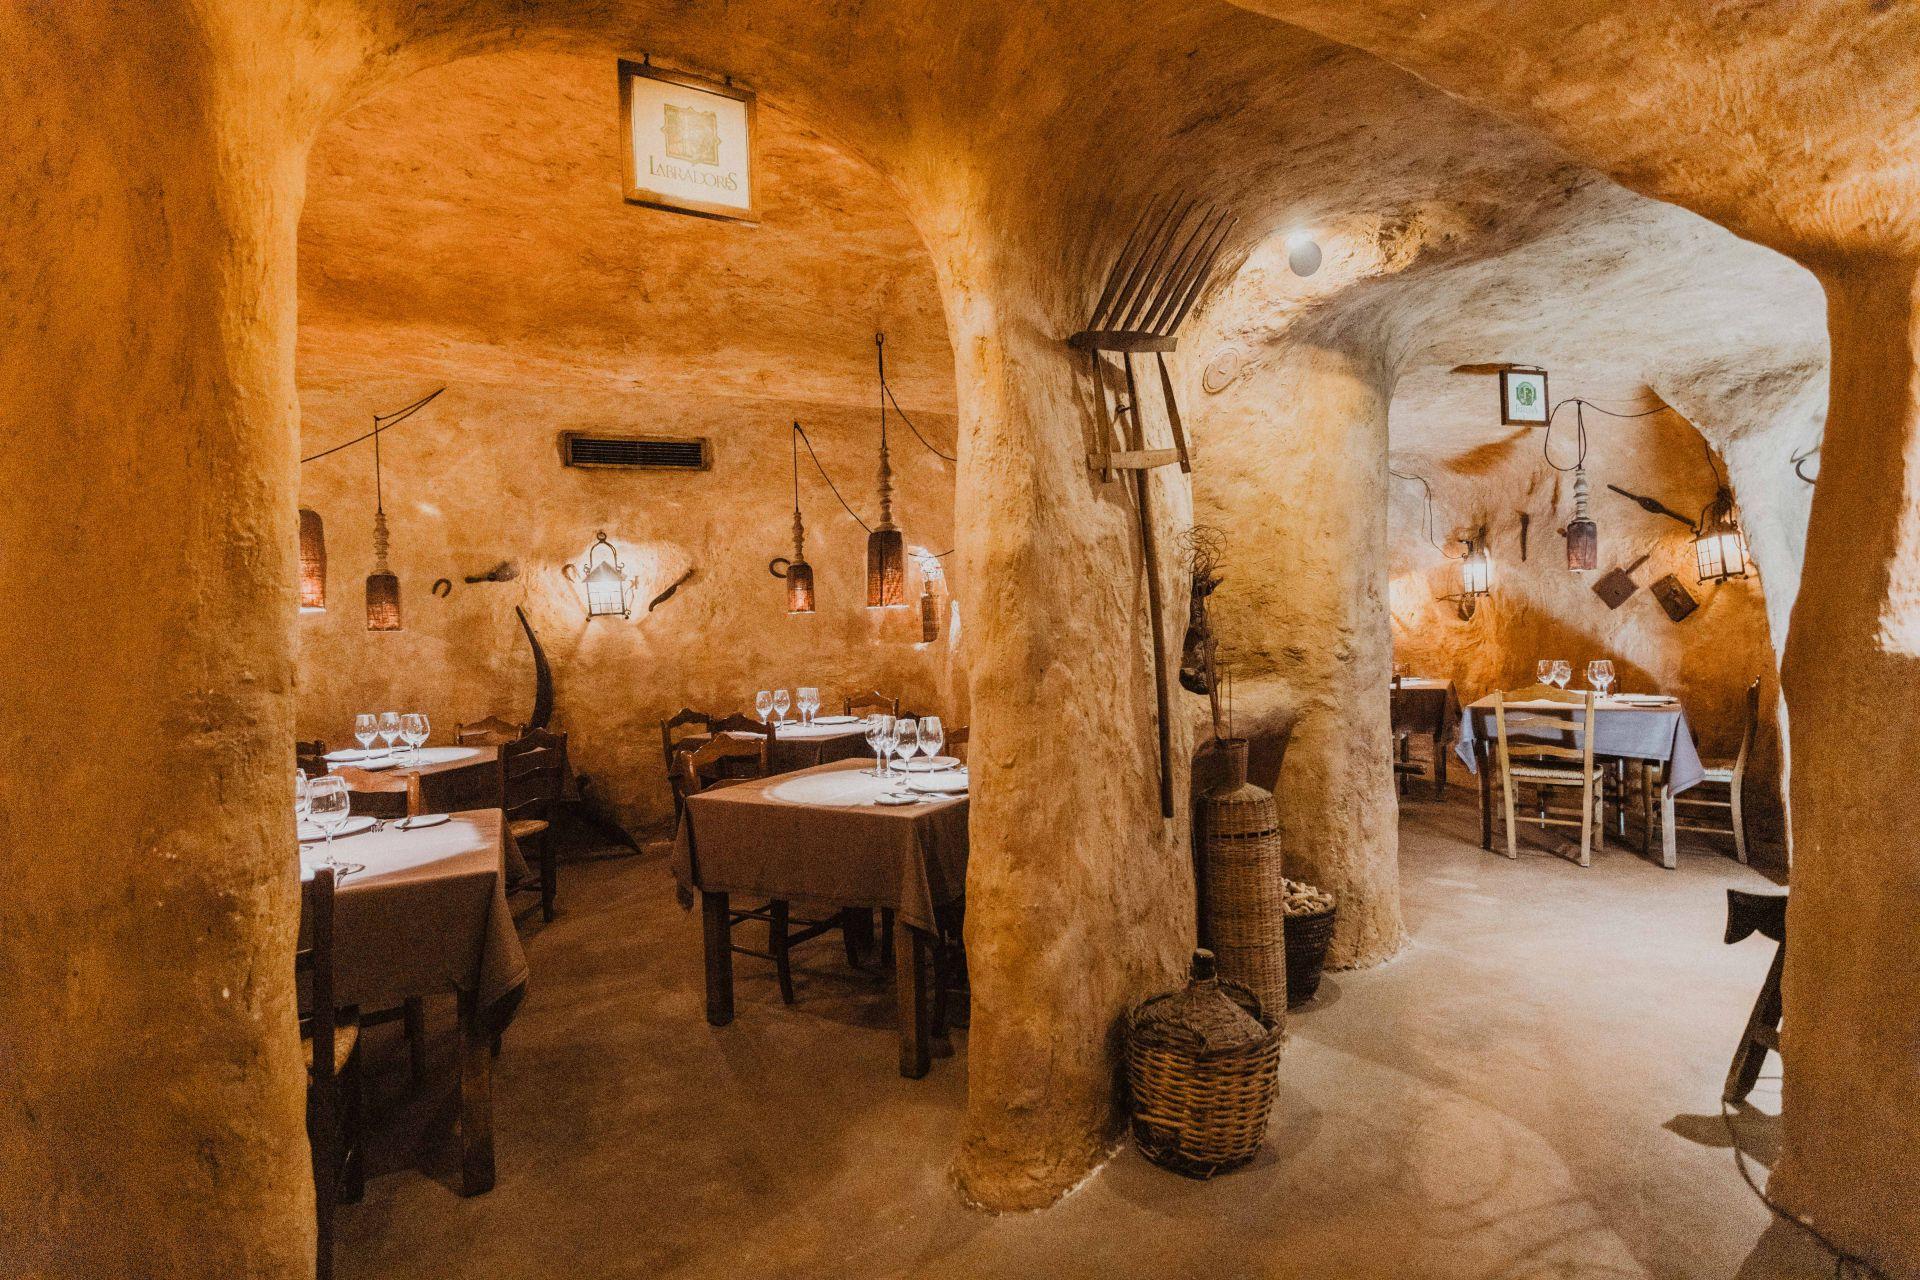 https://restauranteciudadela.com/resources/home/ciudadela00052-6.jpg